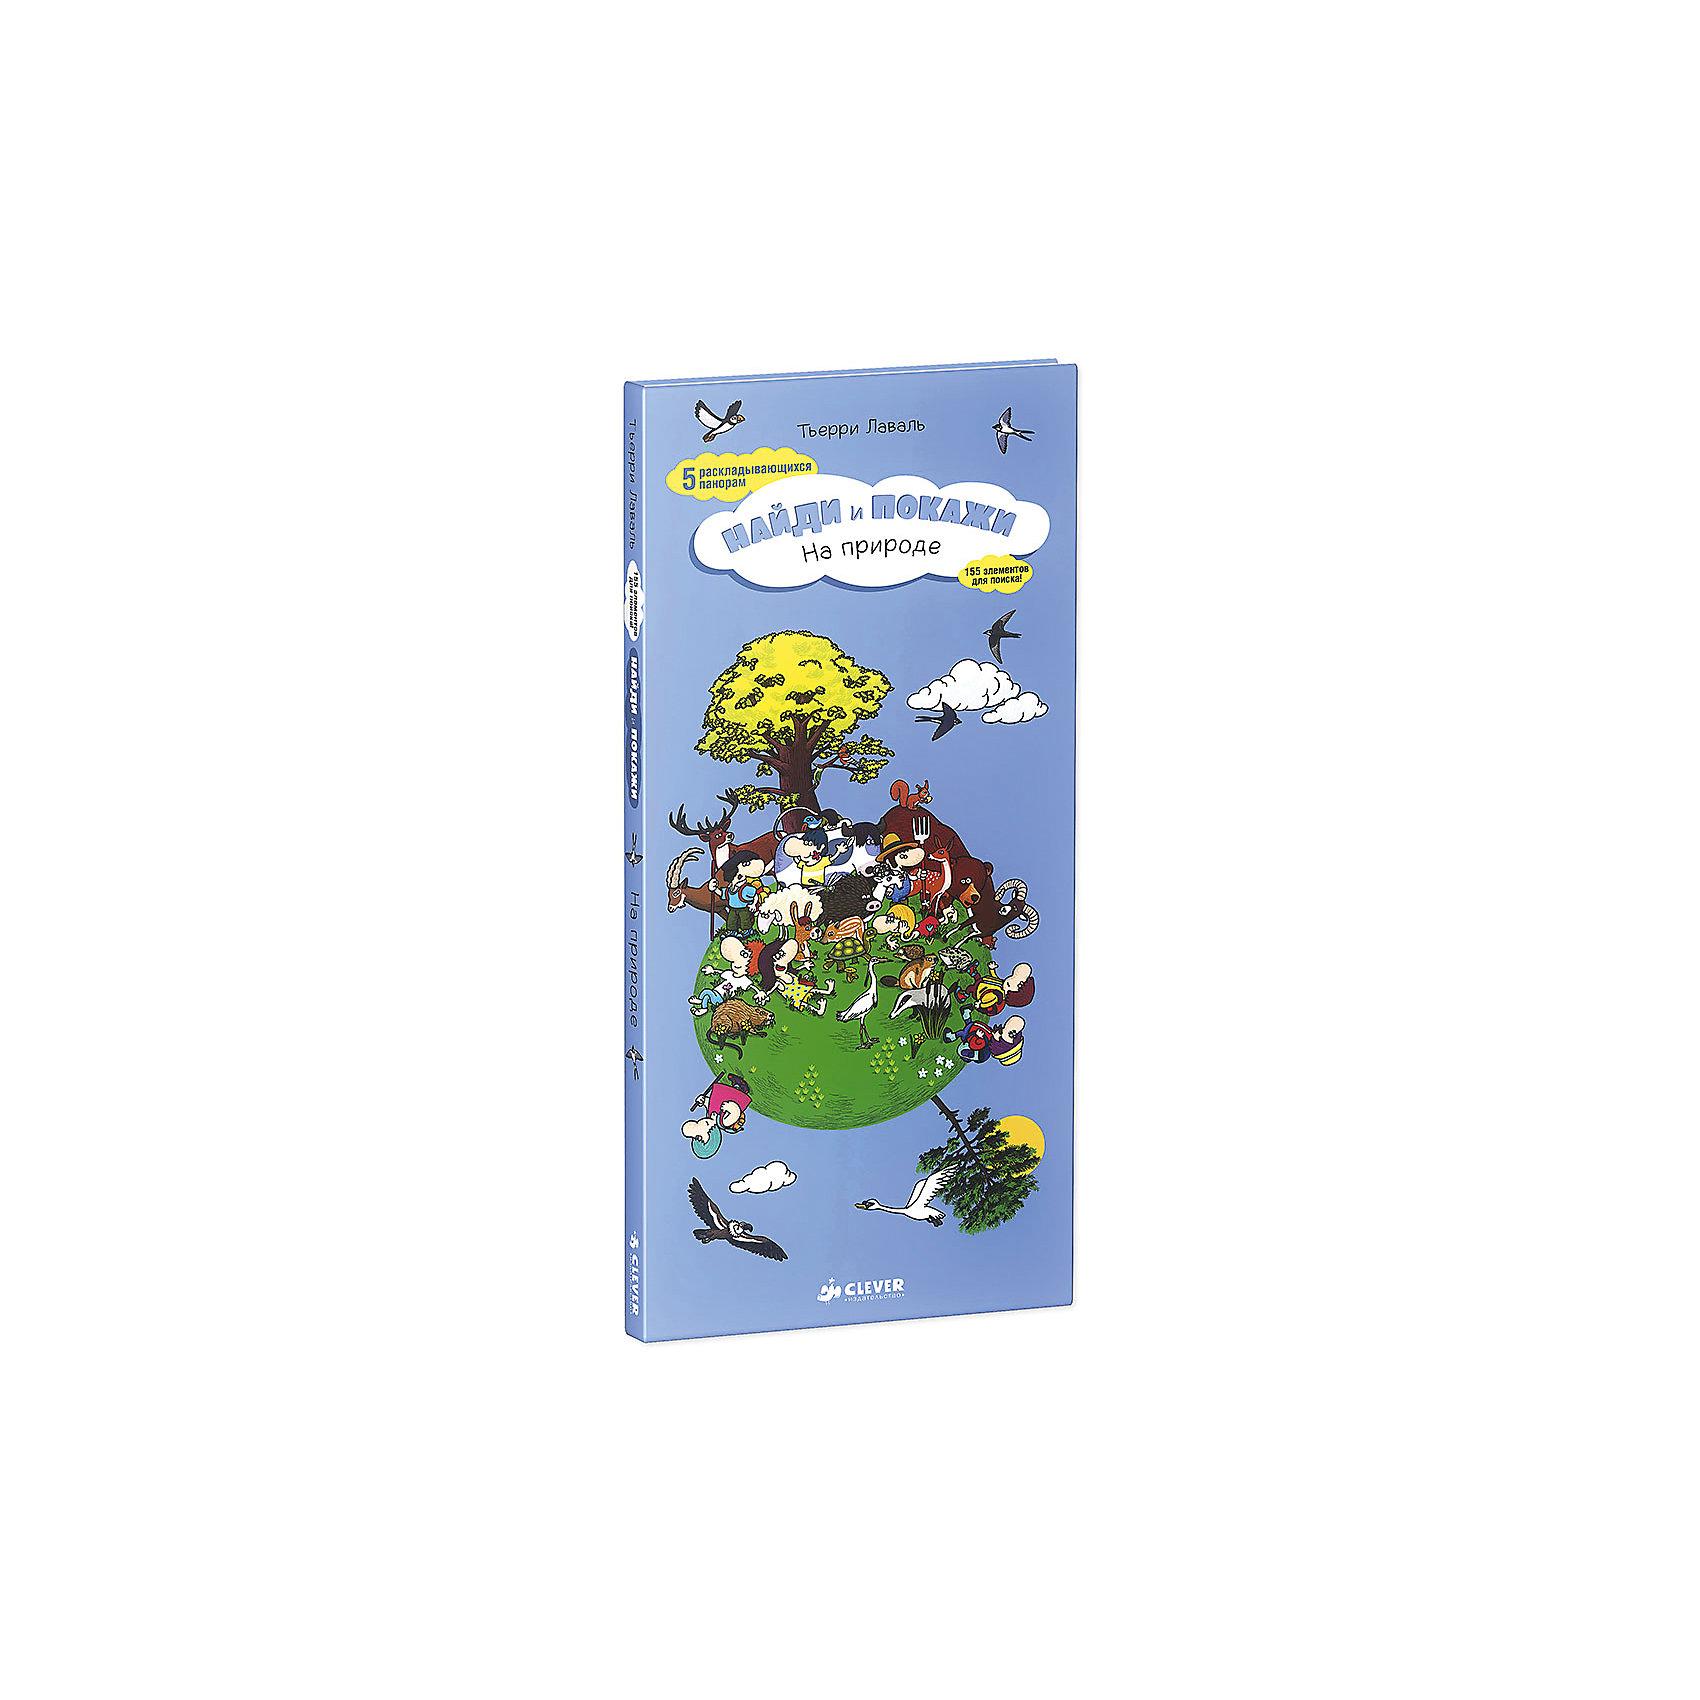 Найди и покажи. На природеРазвивающие книги<br>Поднимитесь в горы, прогуляйтесь по лесам и полям, отдохните на берегу пруда и на морском побережье благодаря этой чудесной книжке-игрушке. Полюбуйтесь прекрасными видами природы, узнайте, какие животные и растения встречаются в разных местах, придумывайте истории на основе чудесных красочных иллюстраций, а также играйте в веселую игру «найди и покажи».<br>Тренируйте внимательность, воображение, играйте в командные игры «Кто быстрее найдет предмет». Кроме того, специальный небольшой формат книжки позволит вам взять ее с собой в дорогу и занять вашего ребенка в пути.<br><br>Дополнительная информация:<br><br>- год издания: 2014.<br>- тип обложки: твердая, целлофанированная (или лакированная).<br>- иллюстрации: цветные.<br>- количество страниц: 10 (картон).<br>- размер: 29,6*13*1.7 см.<br>- вес: 350 гр.<br><br>Книгу  Найди и покажи. На природе можно купить в нашем интернет-магазине.<br><br>Ширина мм: 131<br>Глубина мм: 296<br>Высота мм: 15<br>Вес г: 360<br>Возраст от месяцев: 48<br>Возраст до месяцев: 72<br>Пол: Унисекс<br>Возраст: Детский<br>SKU: 4750680